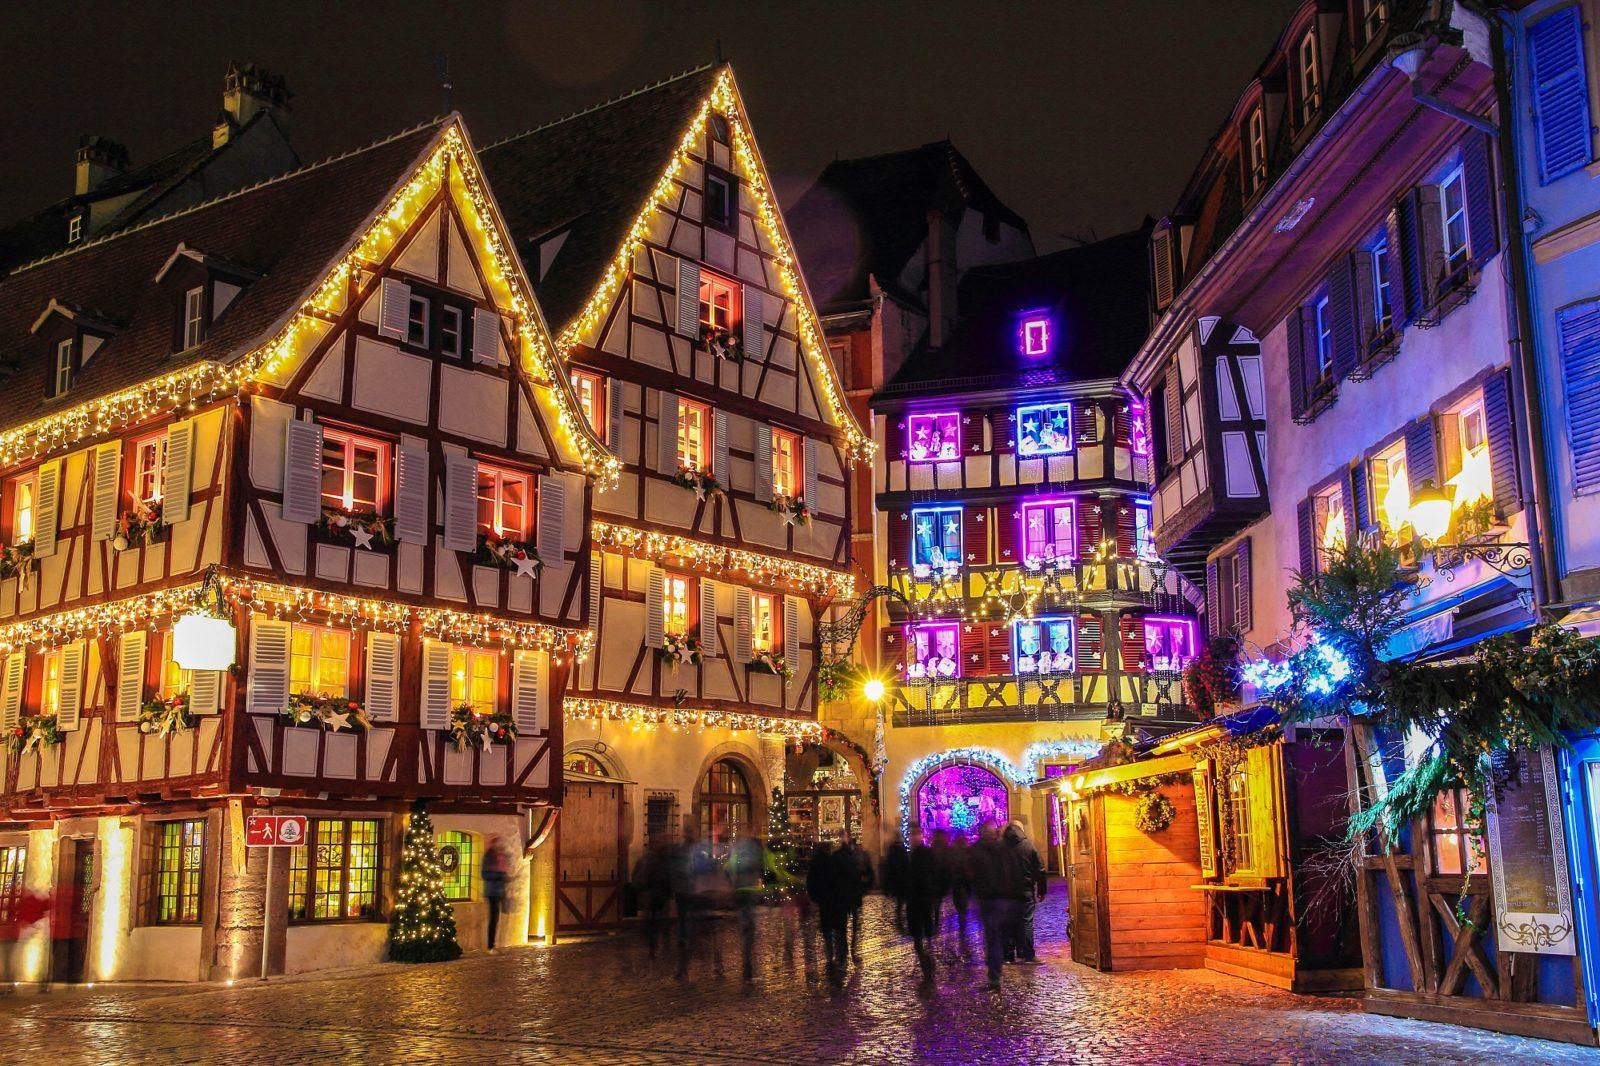 Рождество в Эльзасе, Франция